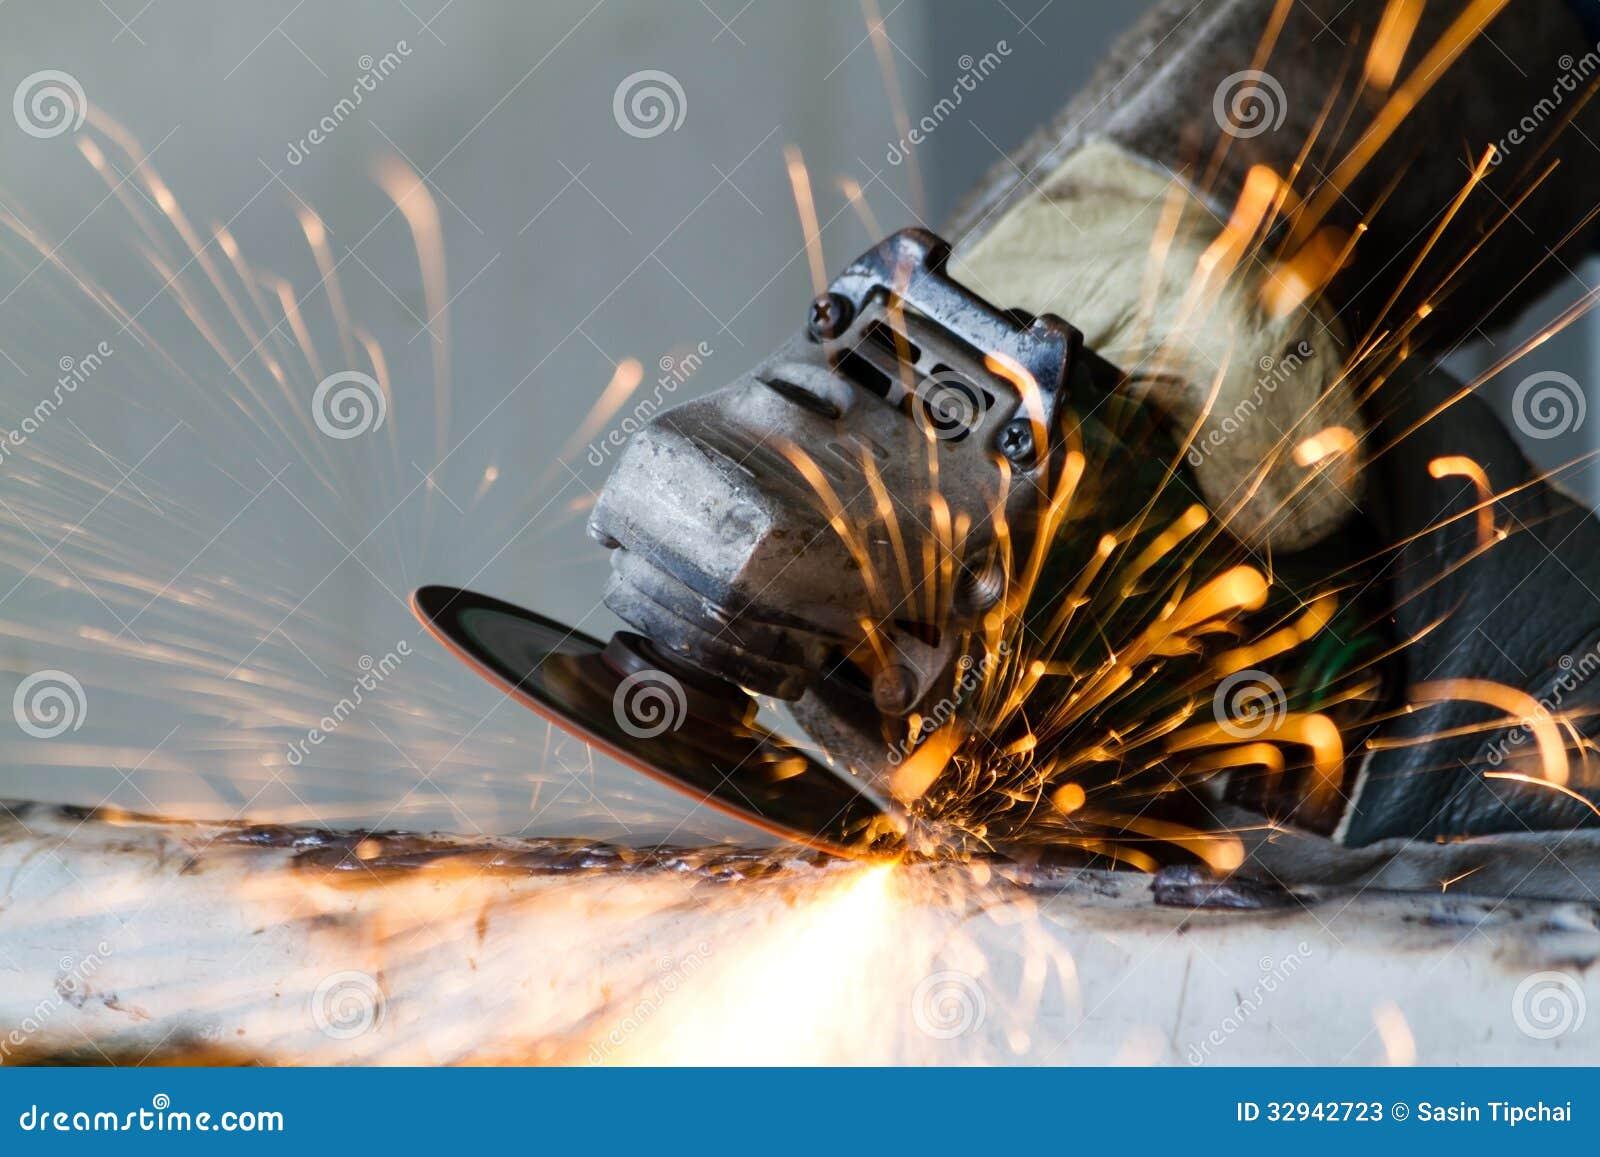 Metal grinding stock photos image